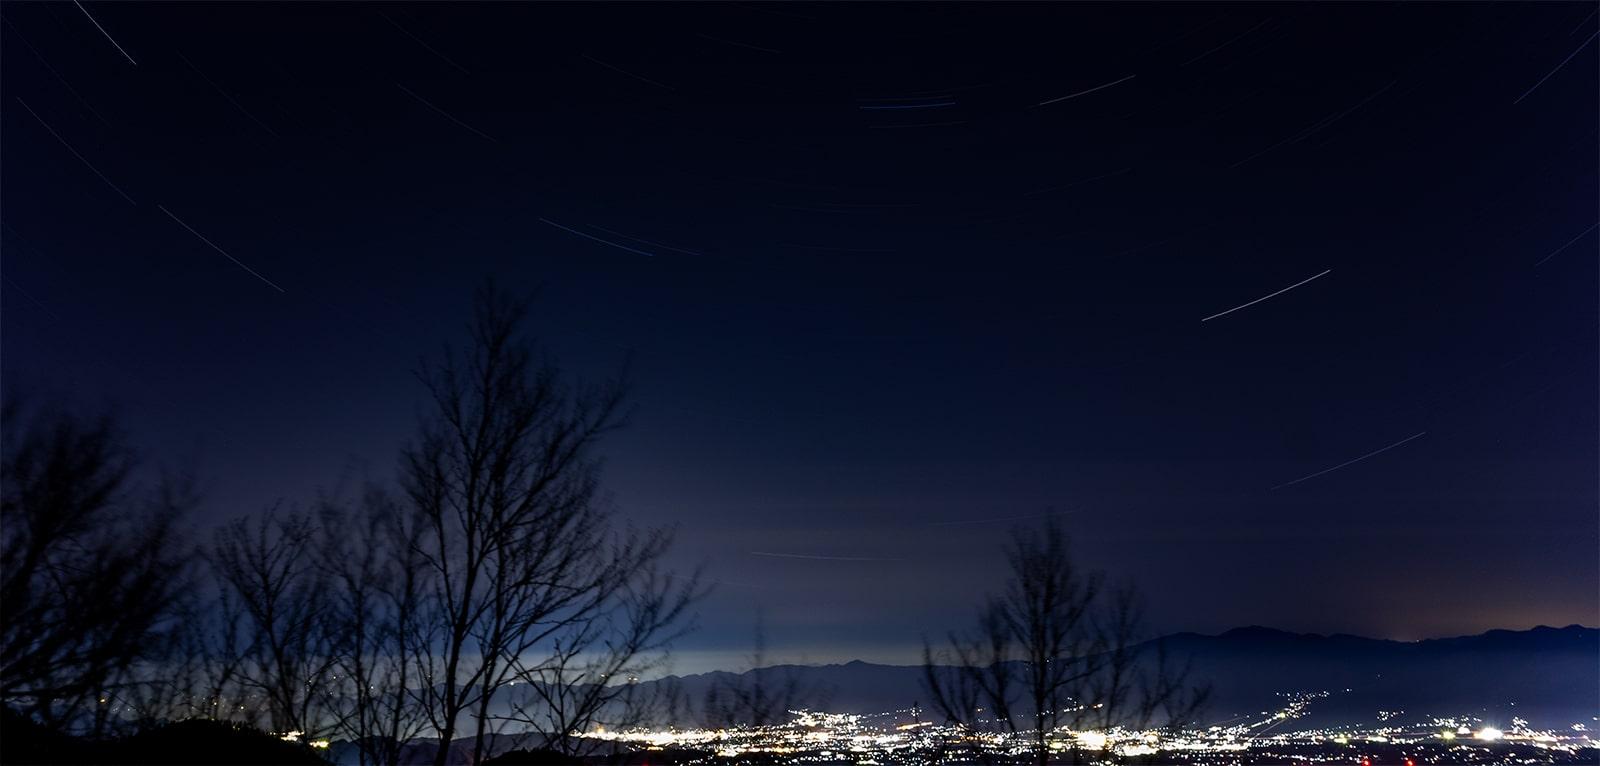 大河原峠から見る夜景と星空